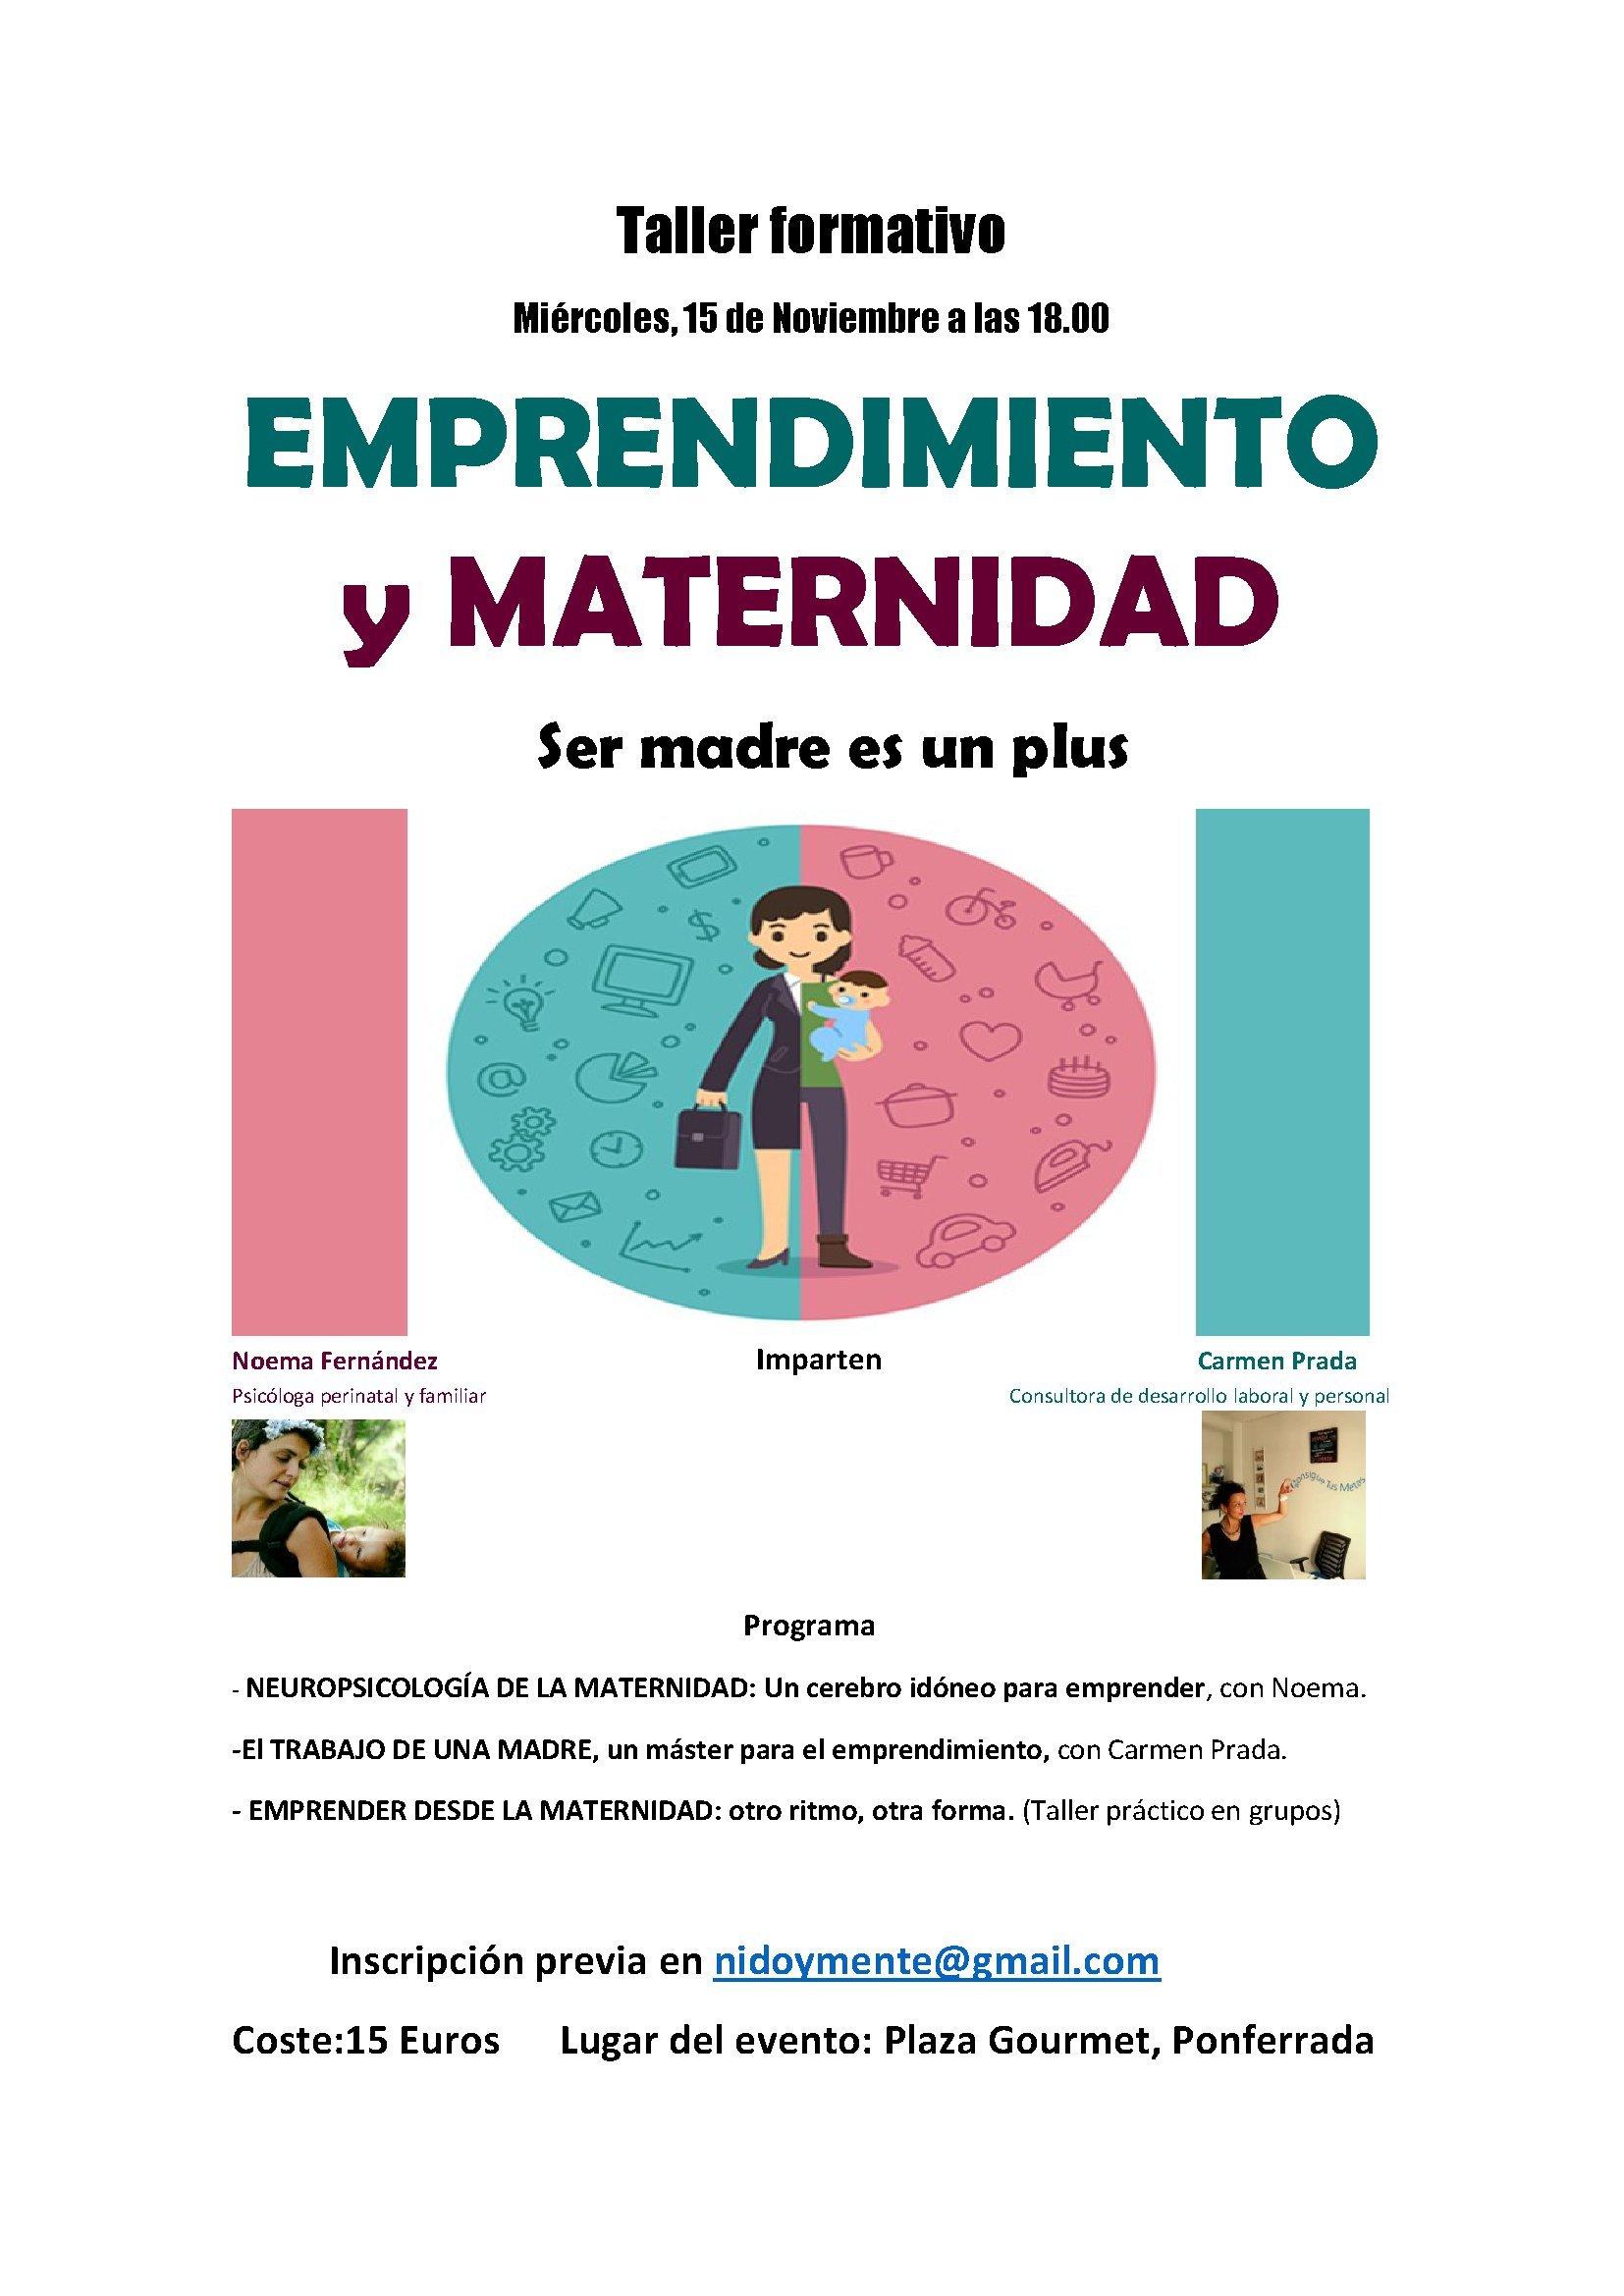 Evento emprendimiento y maternidad 2